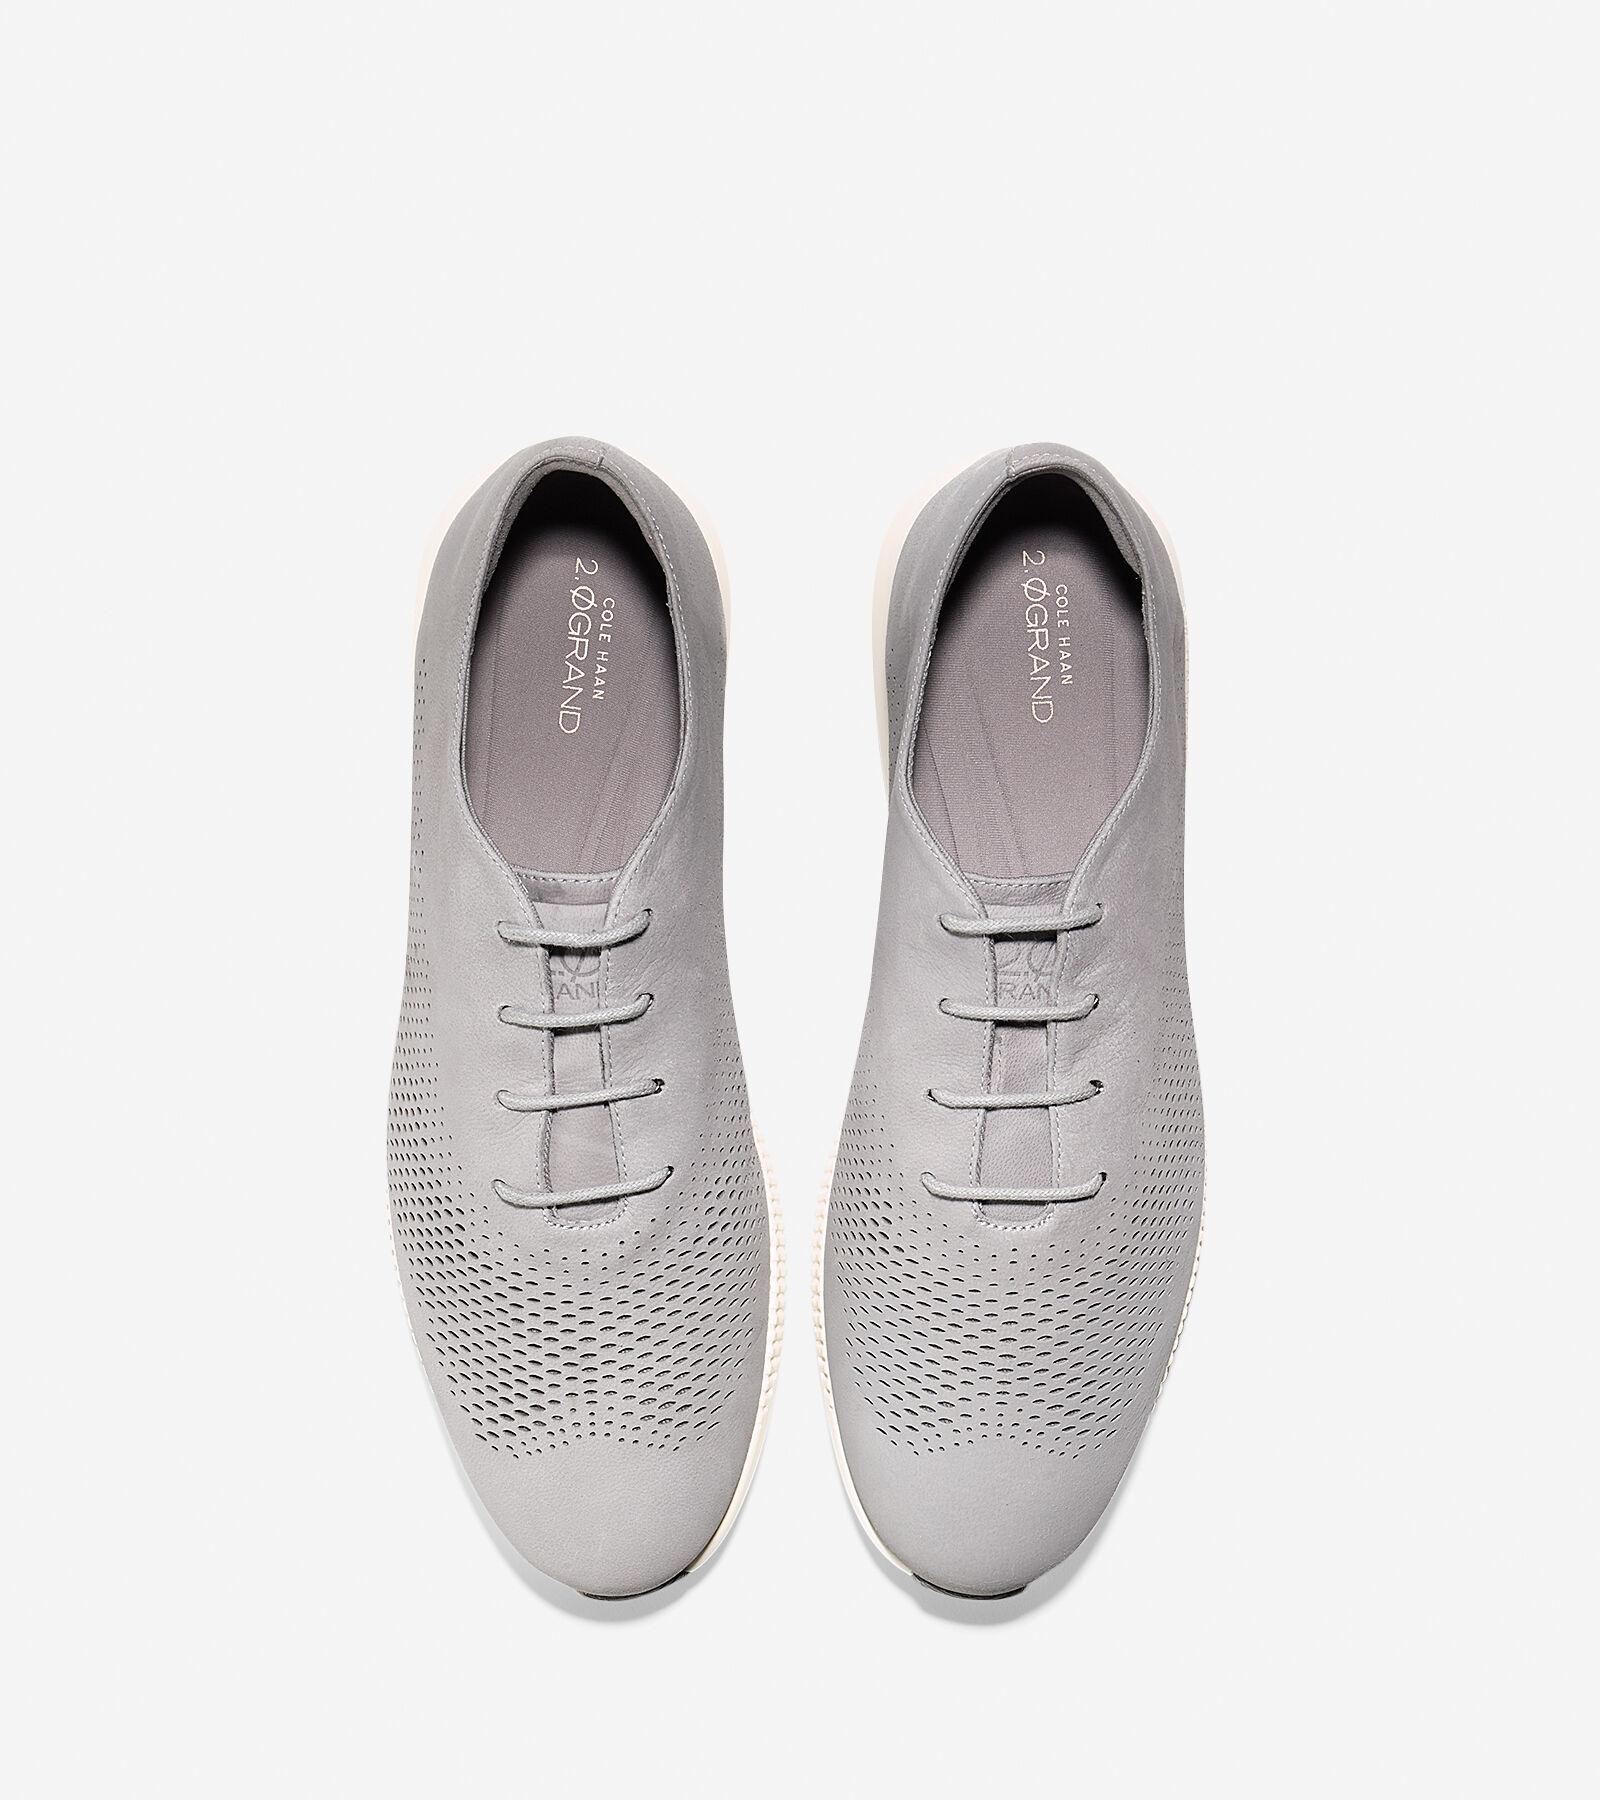 Cole Haan 2.ZeroGrand Laser Wingtip Sneaker (Women's) vIyEFoy